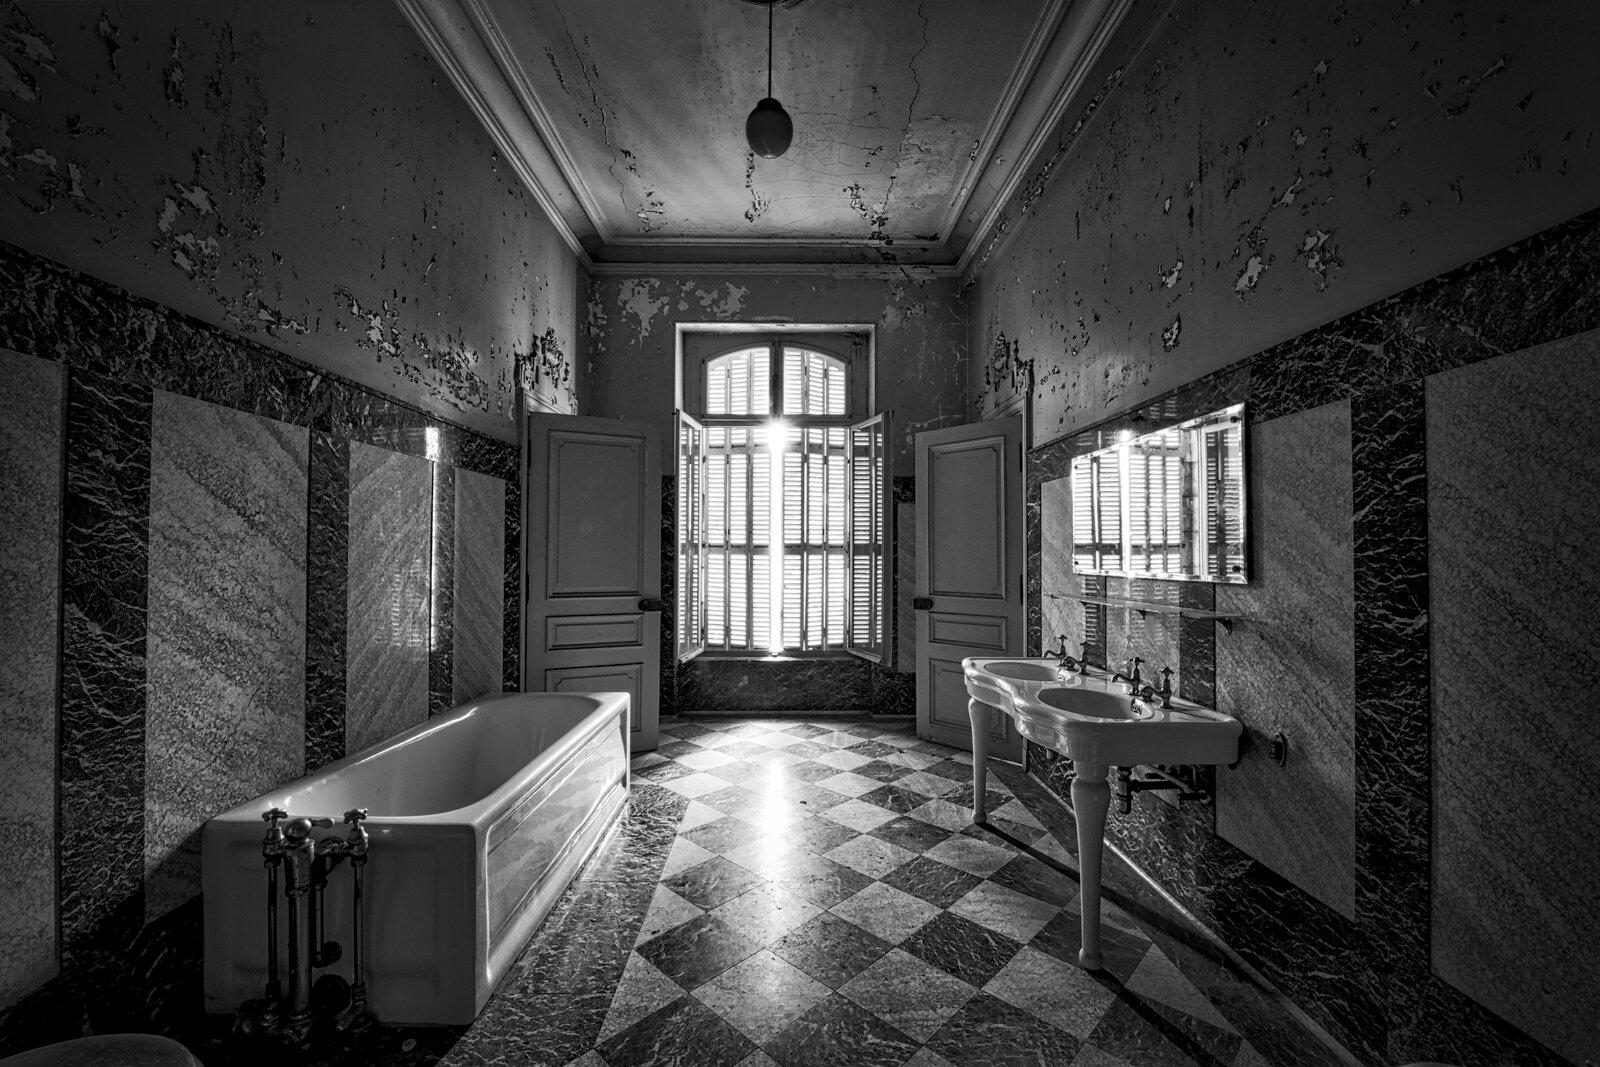 18_PRINT_03_D7C0584_2014_08_Chateau_Lumiere-Edit-Edit-Edit____Lost-USA-D.jpg